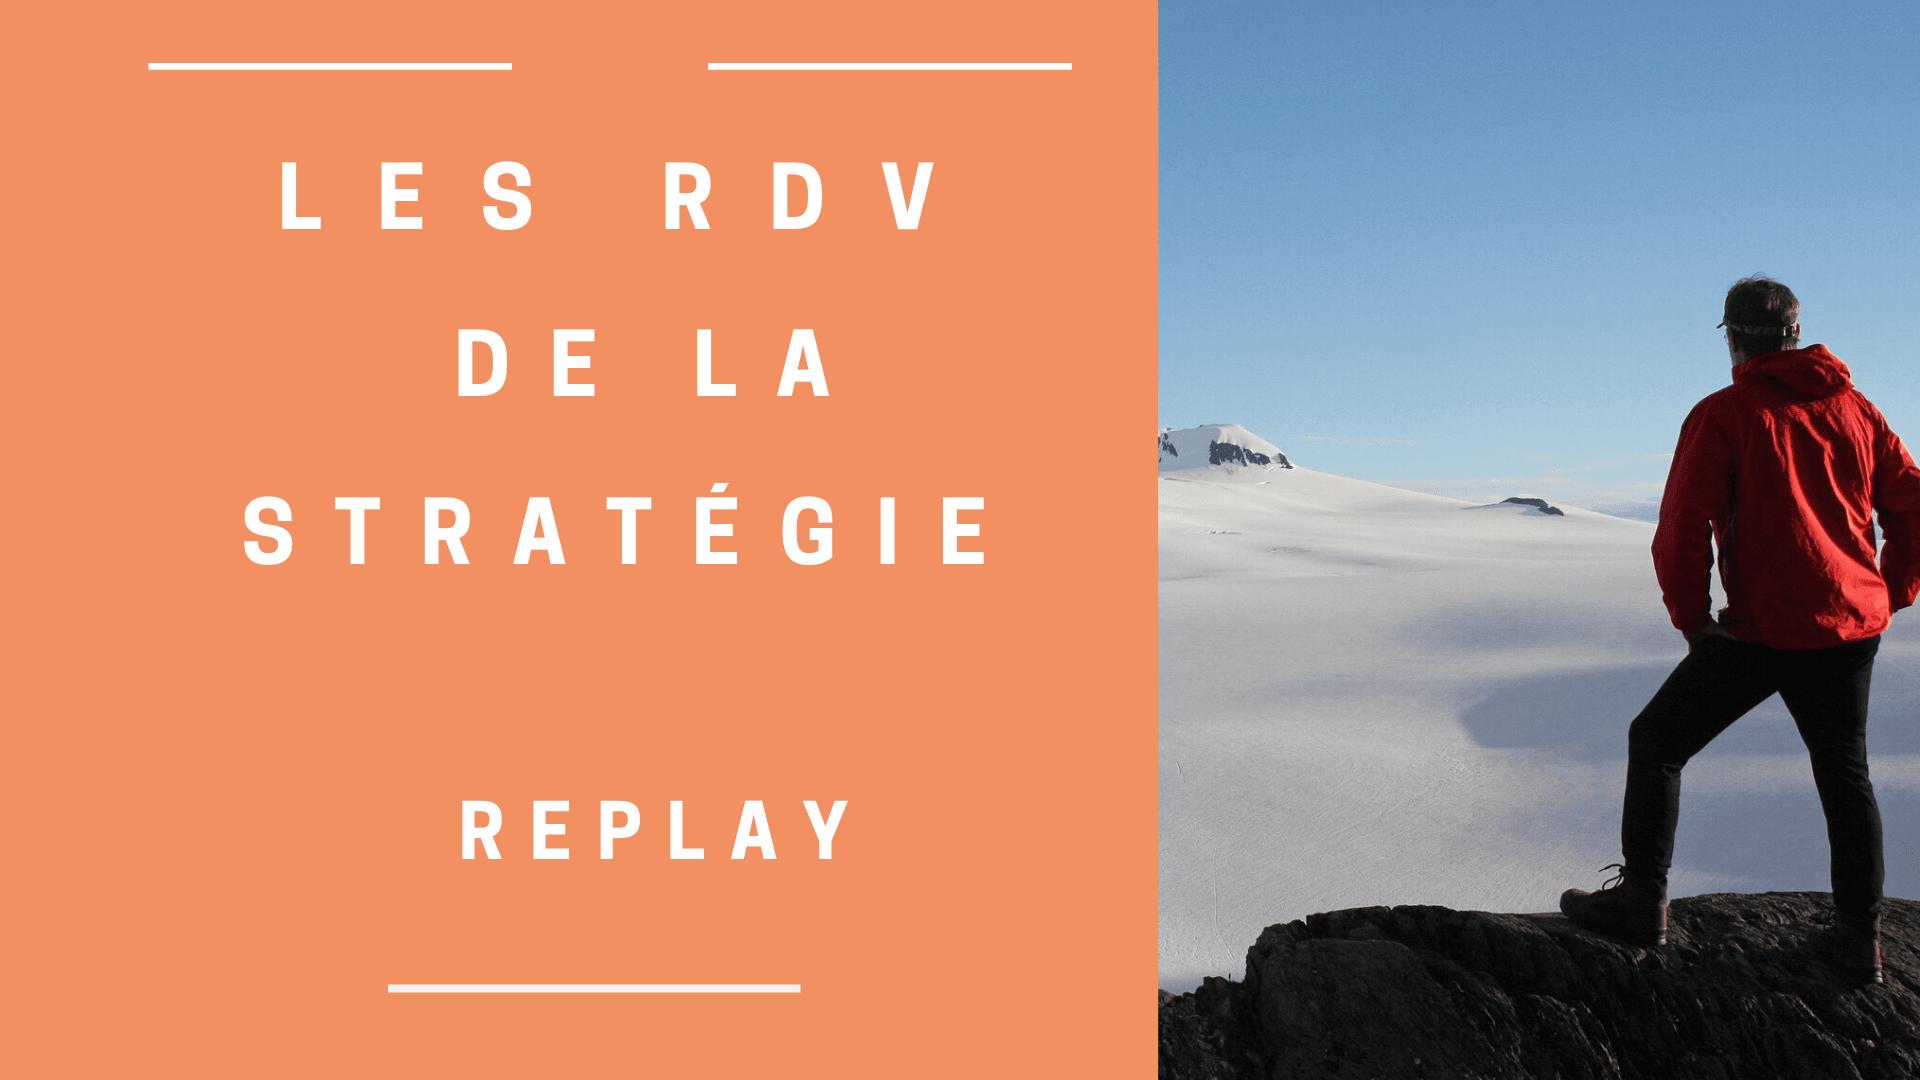 Les replays des RDV de la strategie